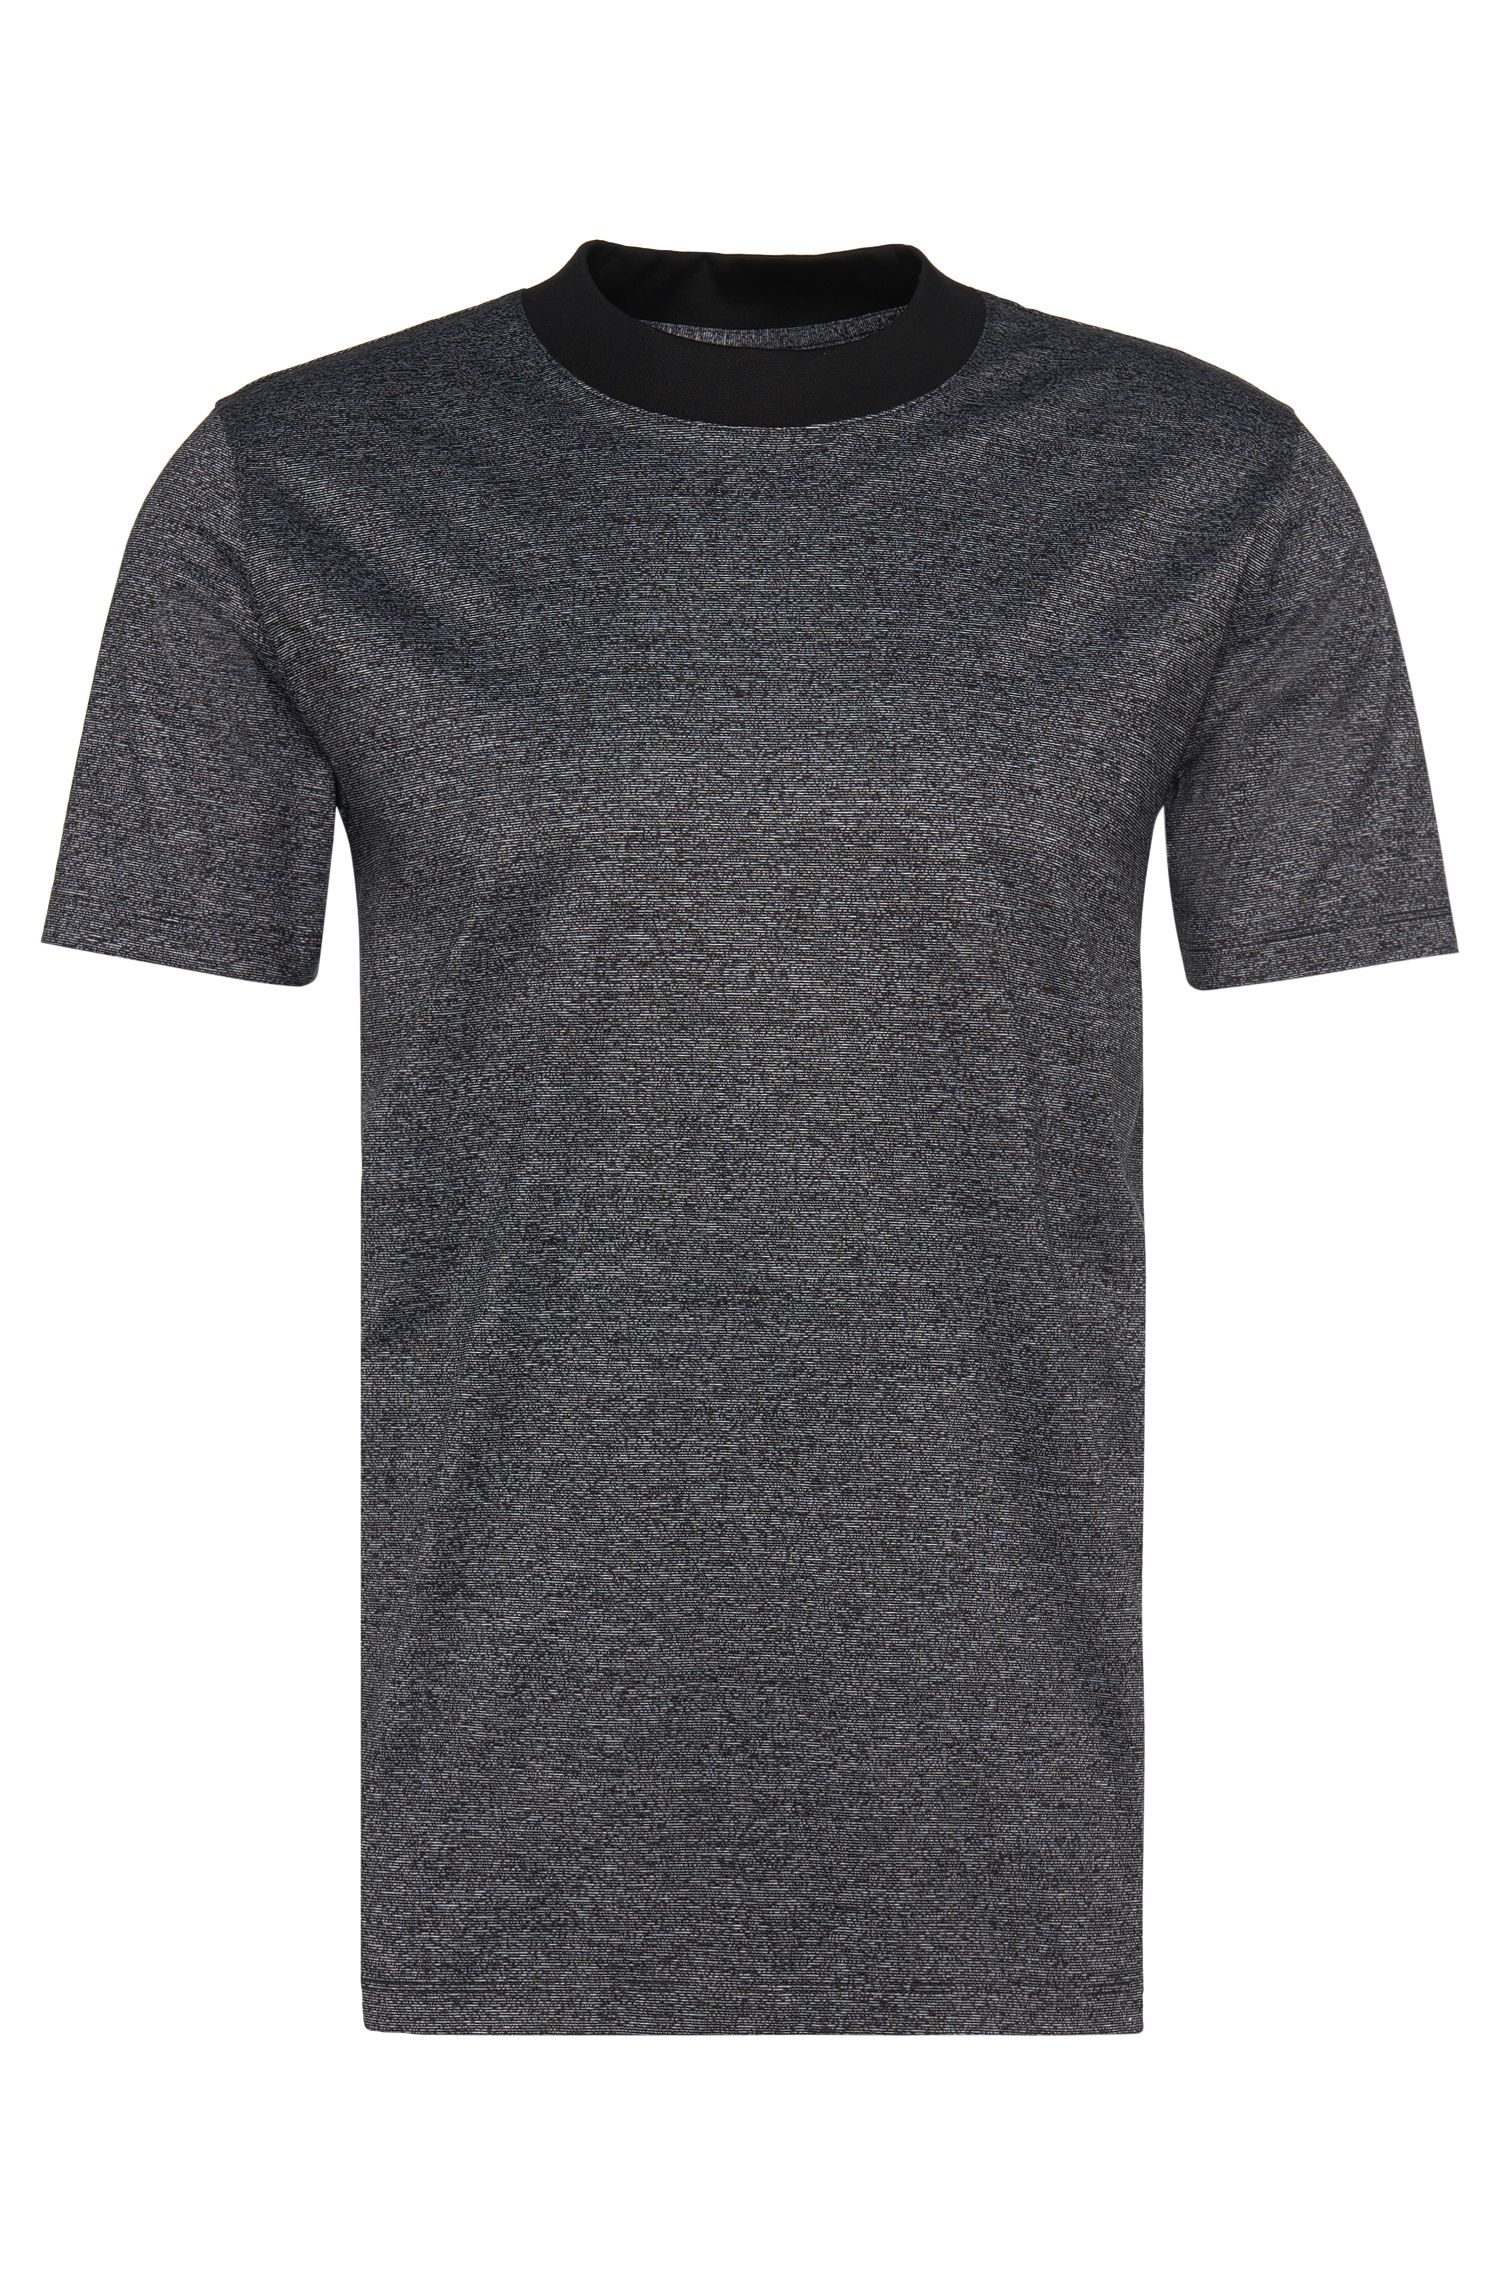 Loose-Fit T-Shirt aus Baumwolle mit Rundhalsausschnitt: 'Dorenz'